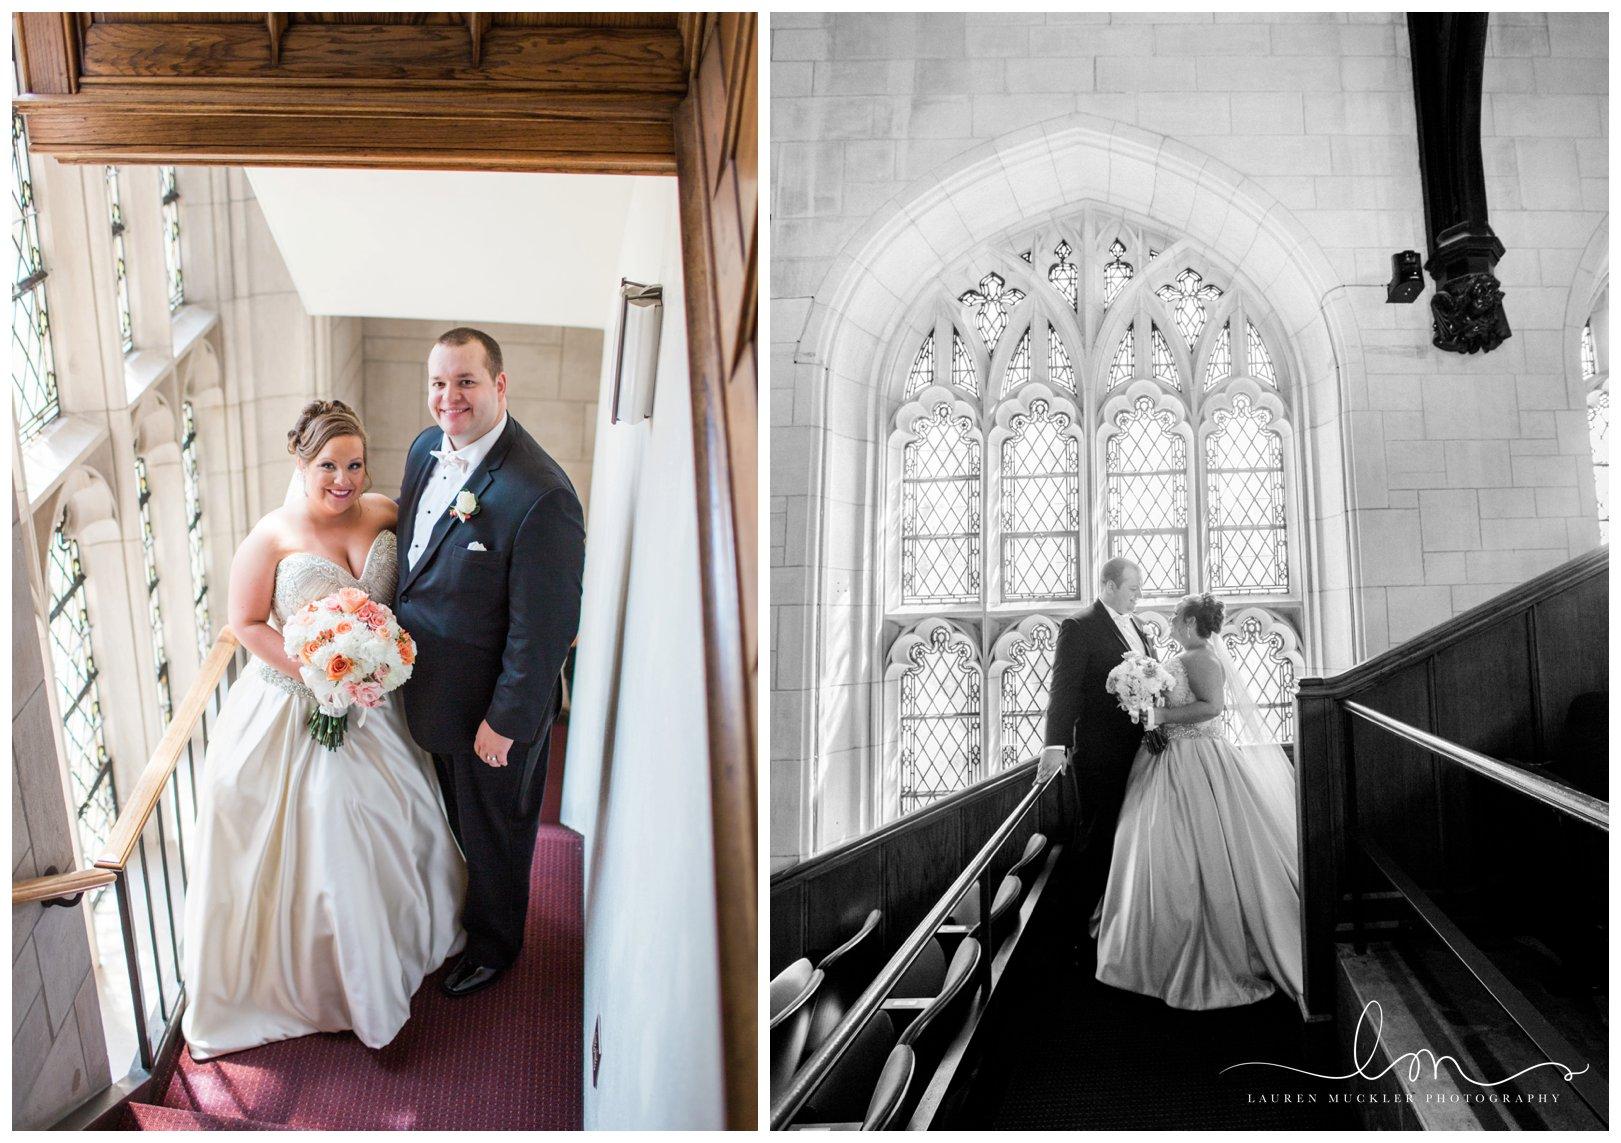 lauren muckler photography_fine art film wedding photography_st louis_photography_0625.jpg